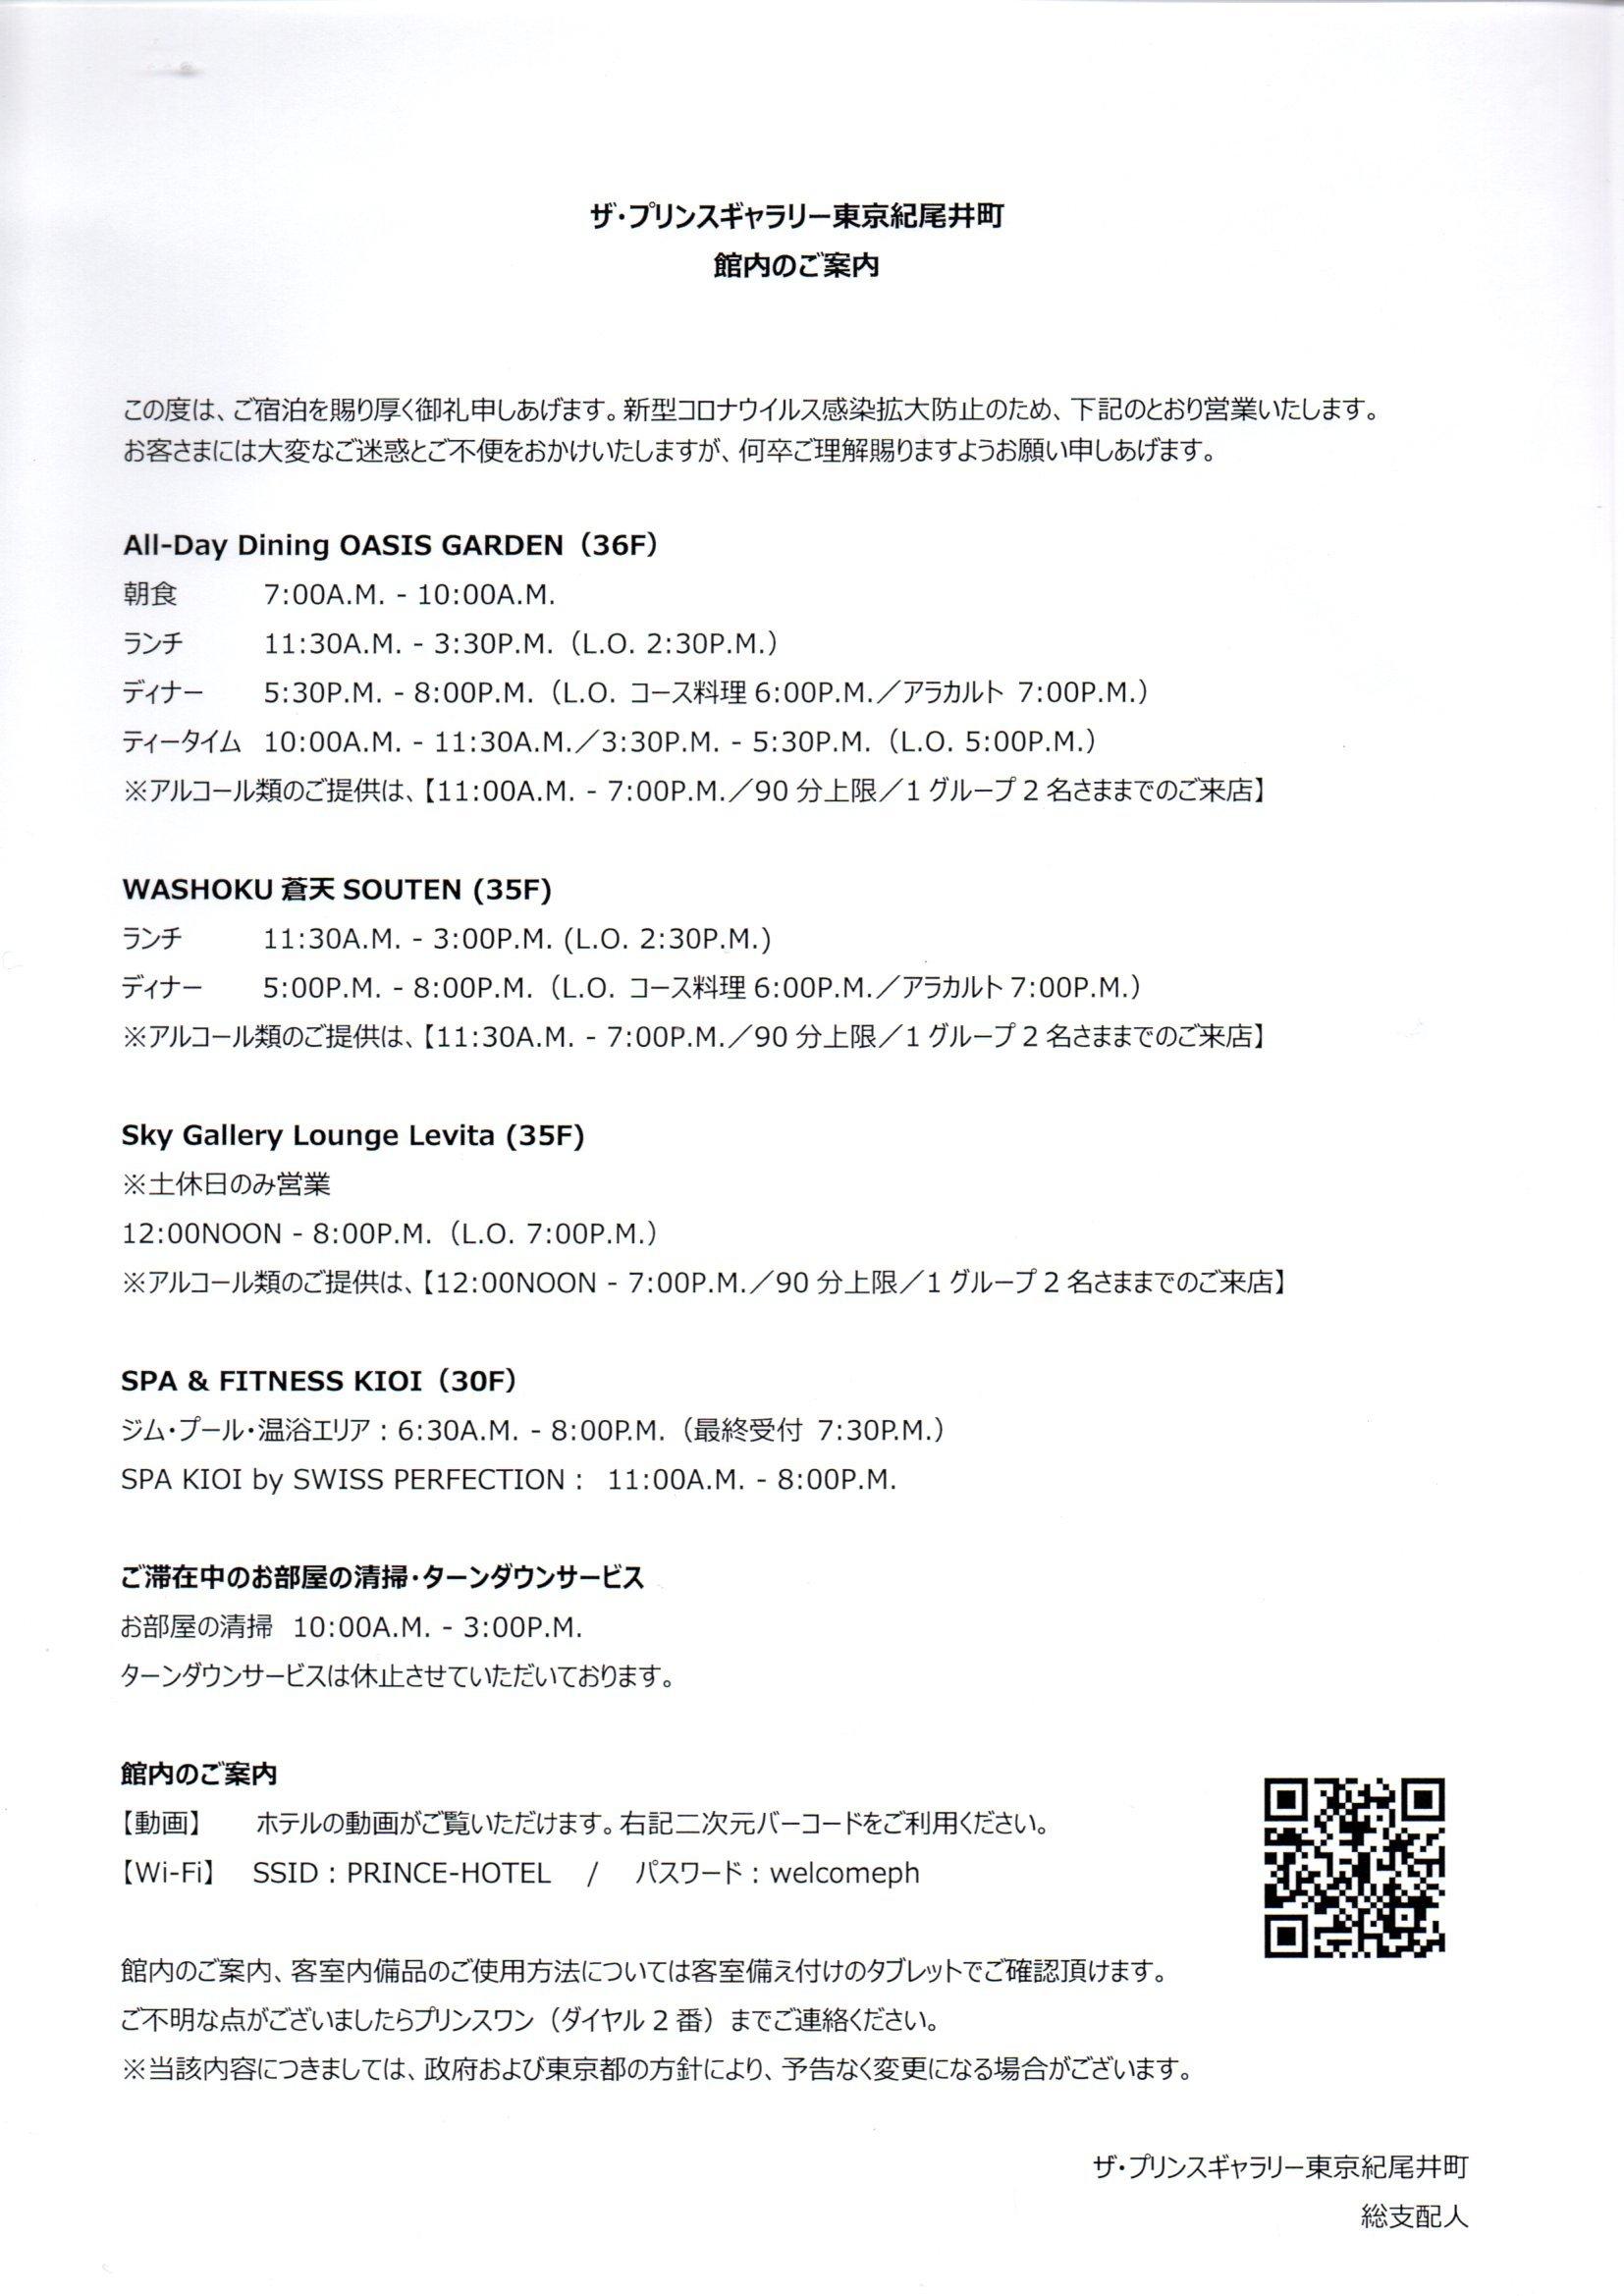 ザ・プリンスギャラリー 東京紀尾井町・ラグジュアリーコレクションホテル  (3) 「デラックスルーム」の続き、浴場_b0405262_21250479.jpg